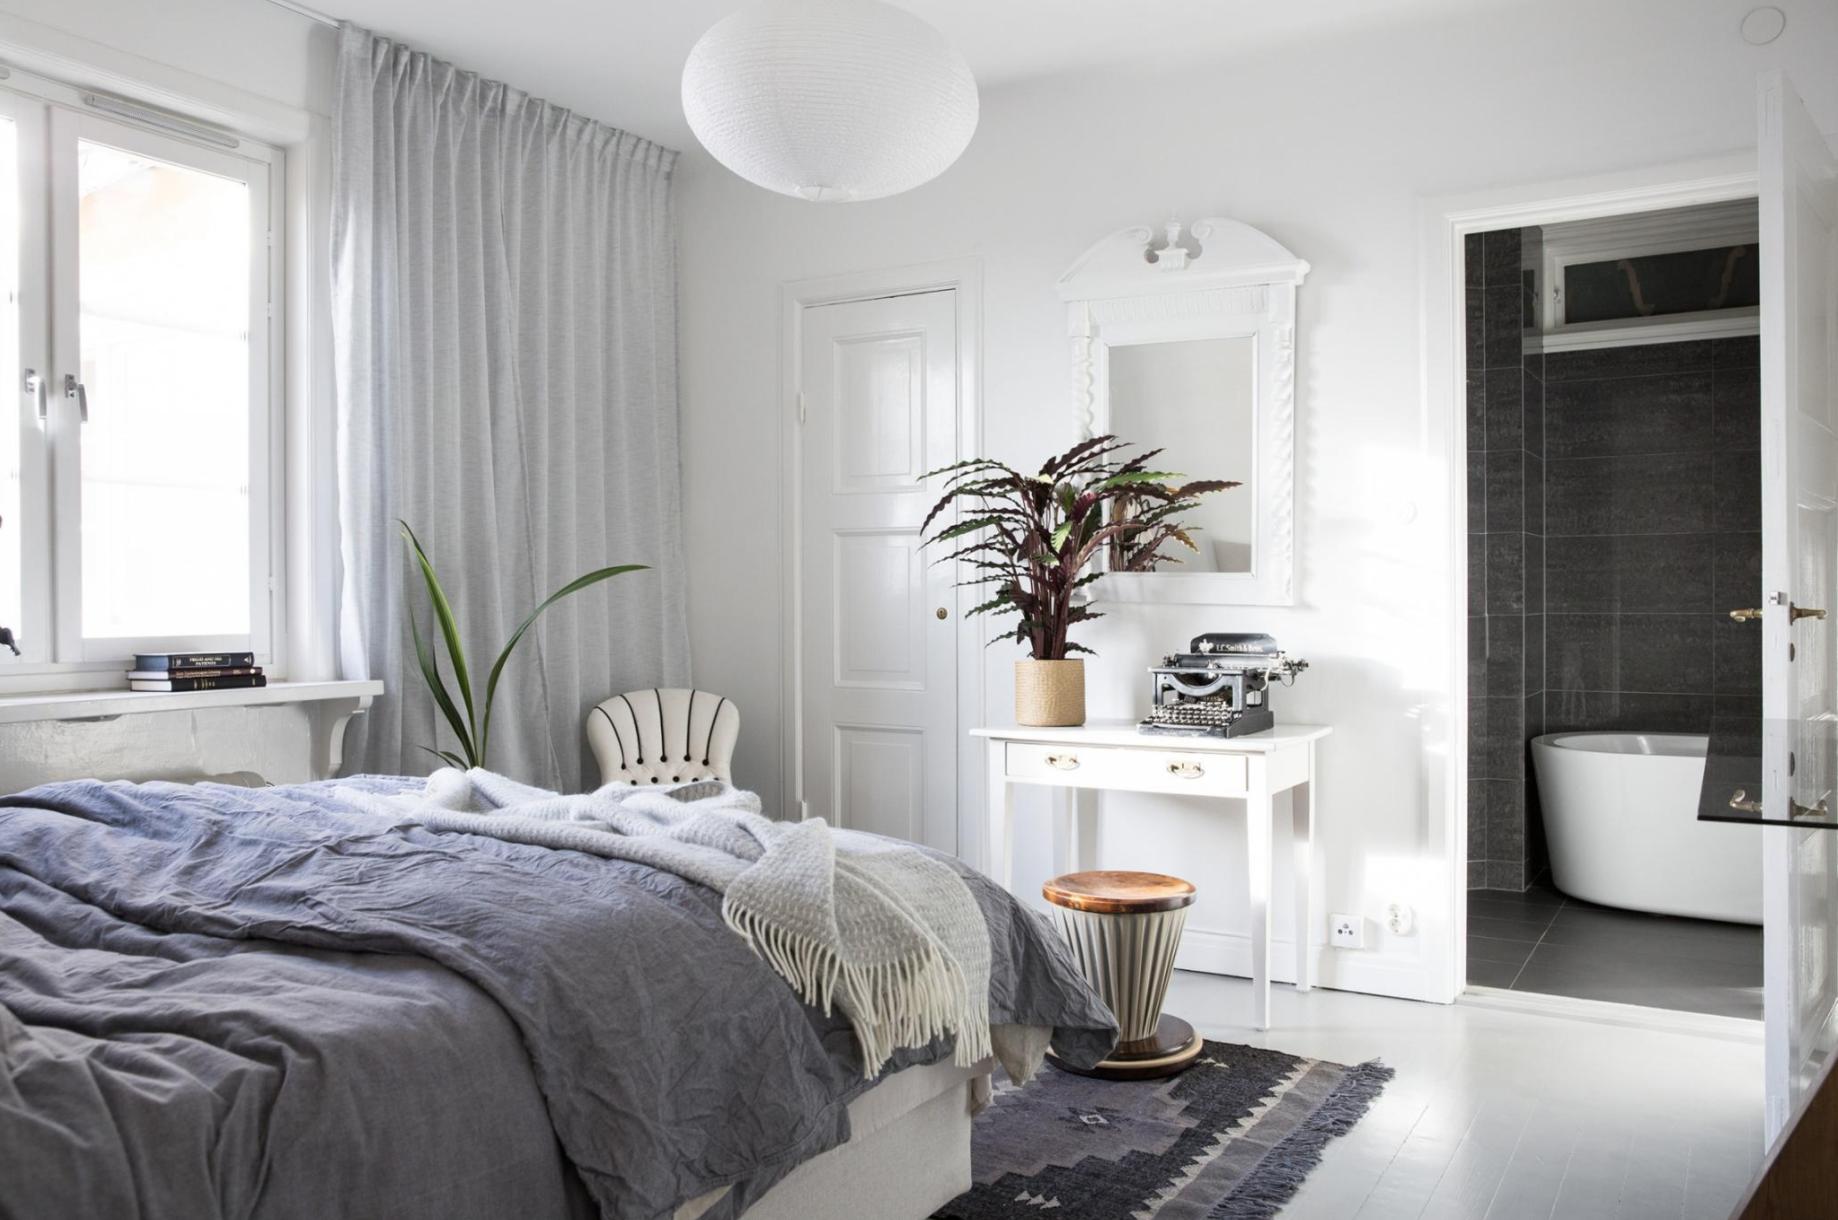 Slaapkamer En Badkamer Ineen. Great Moderne In Landelijke Stijl With ...